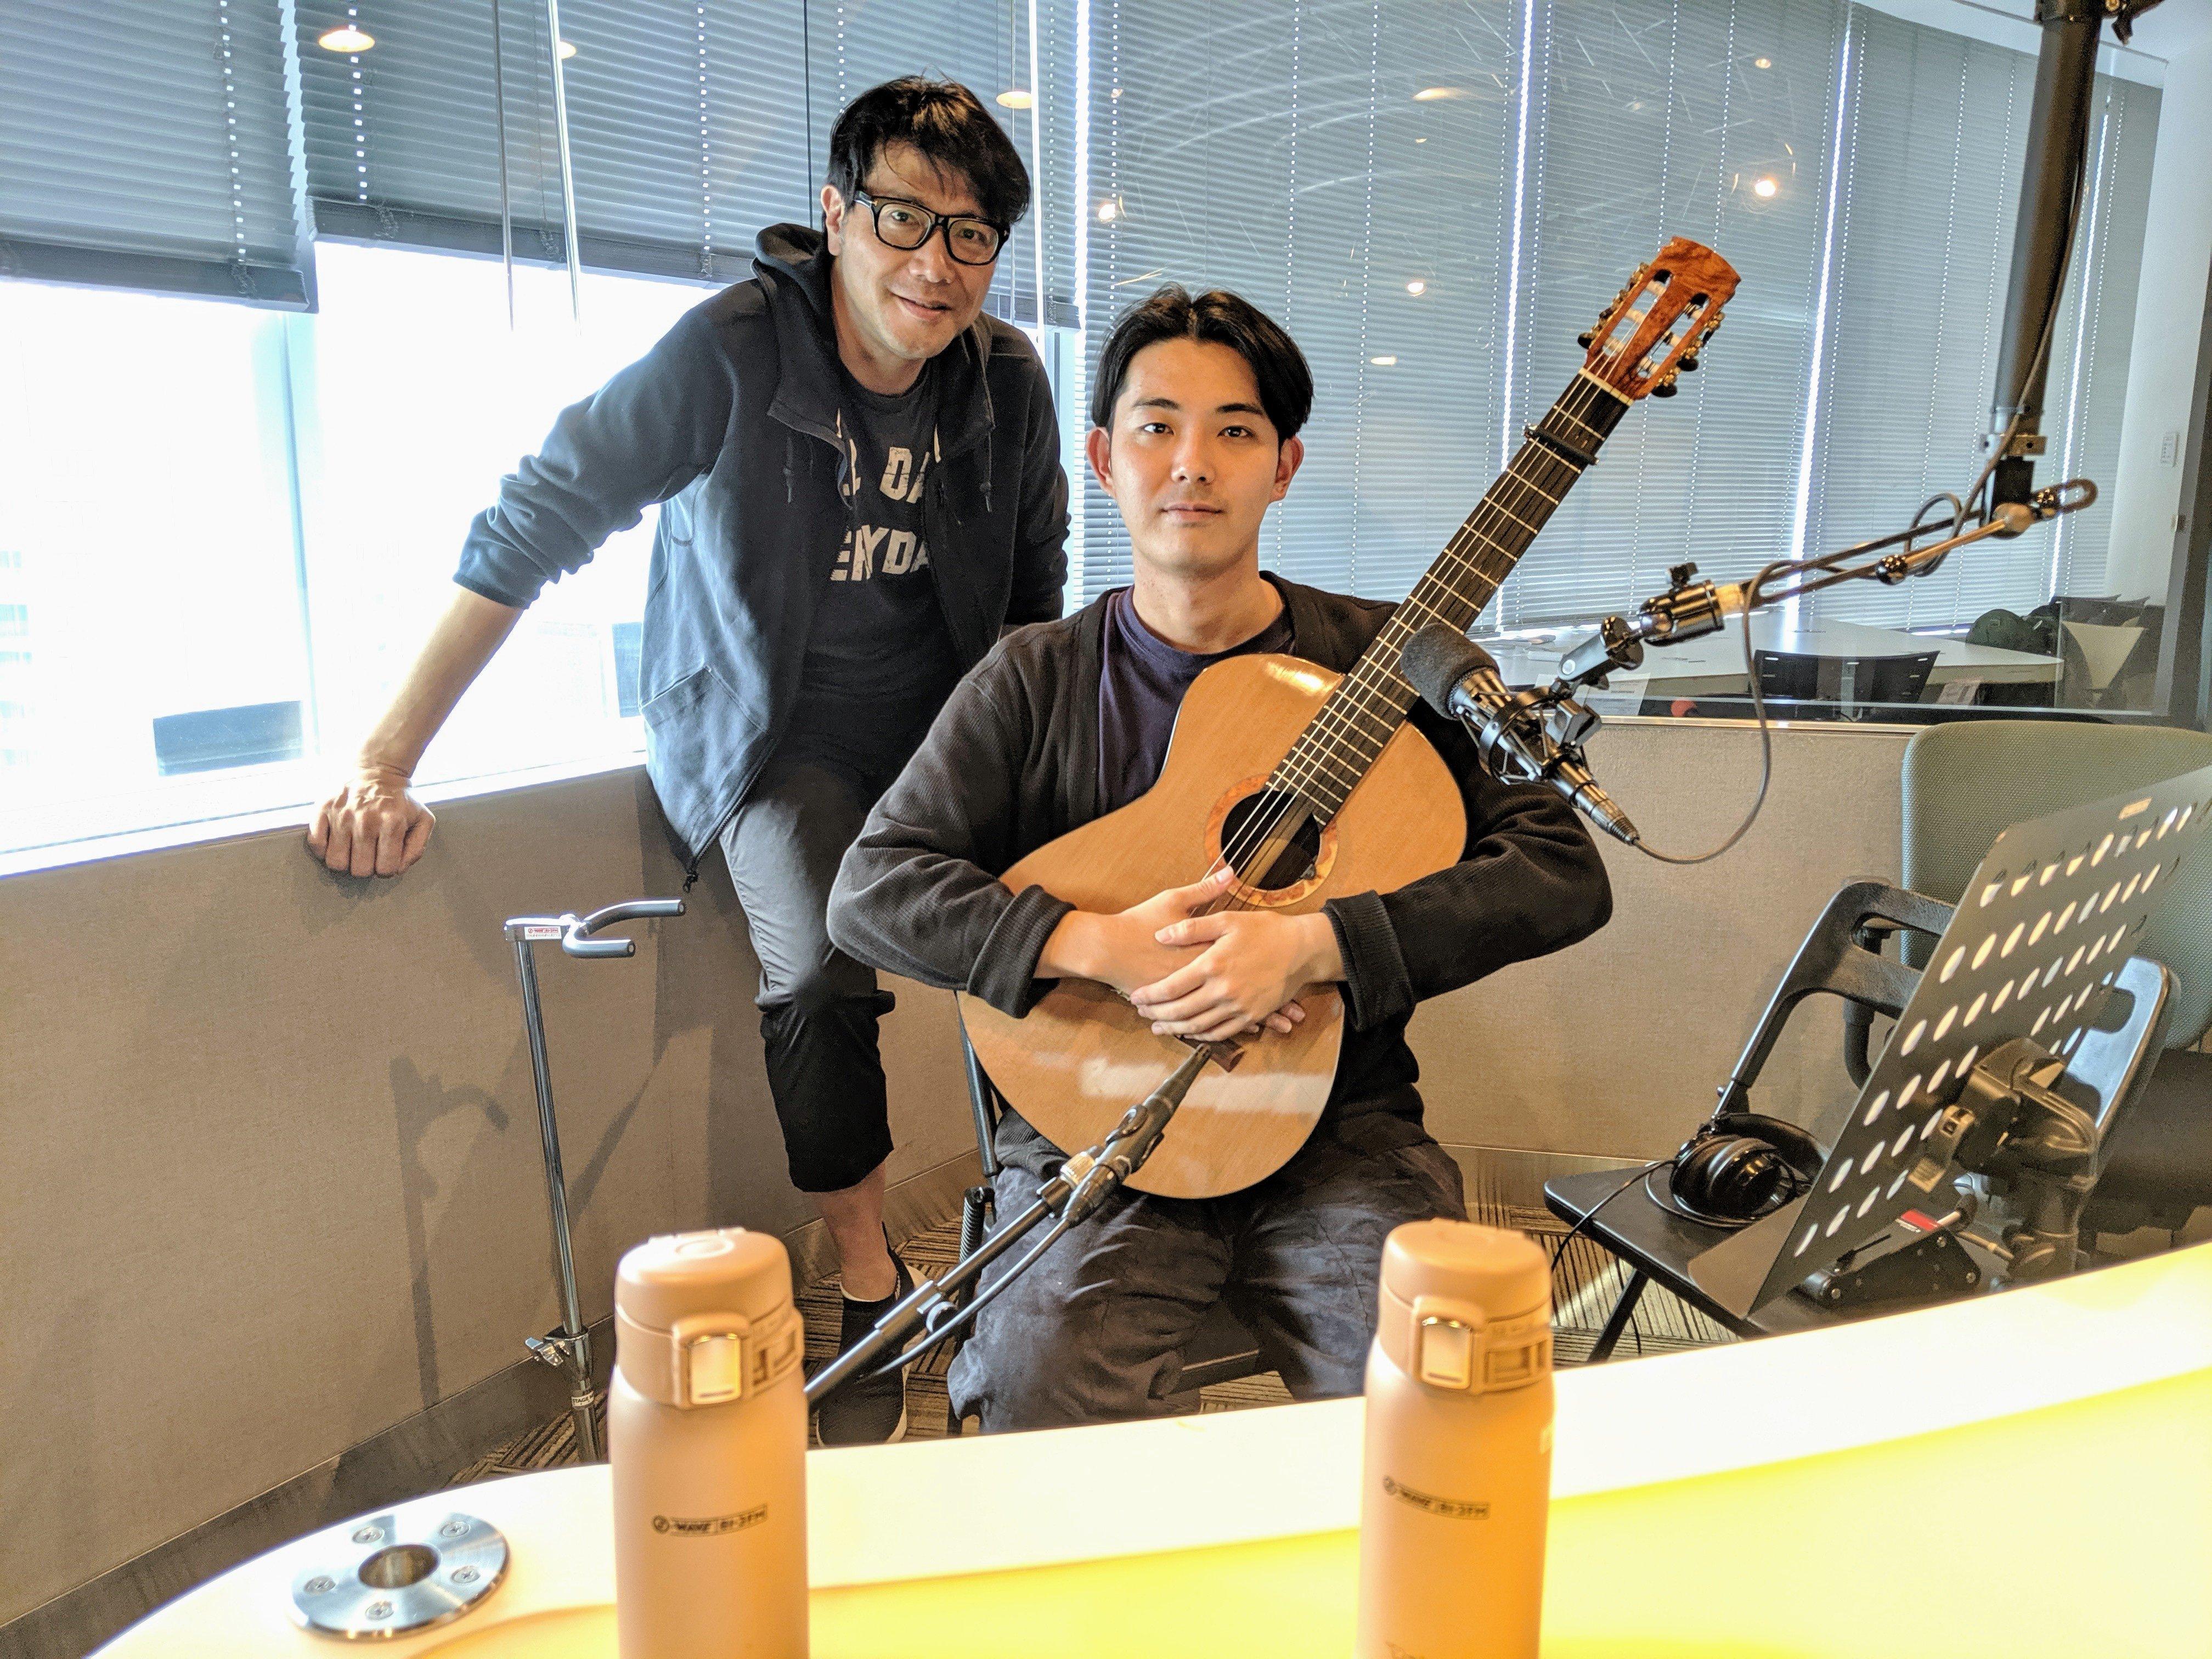 【音源あり】折坂悠太、月9主題歌『朝顔』をスタジオ生ライブで披露! 曲に込めた願いとは